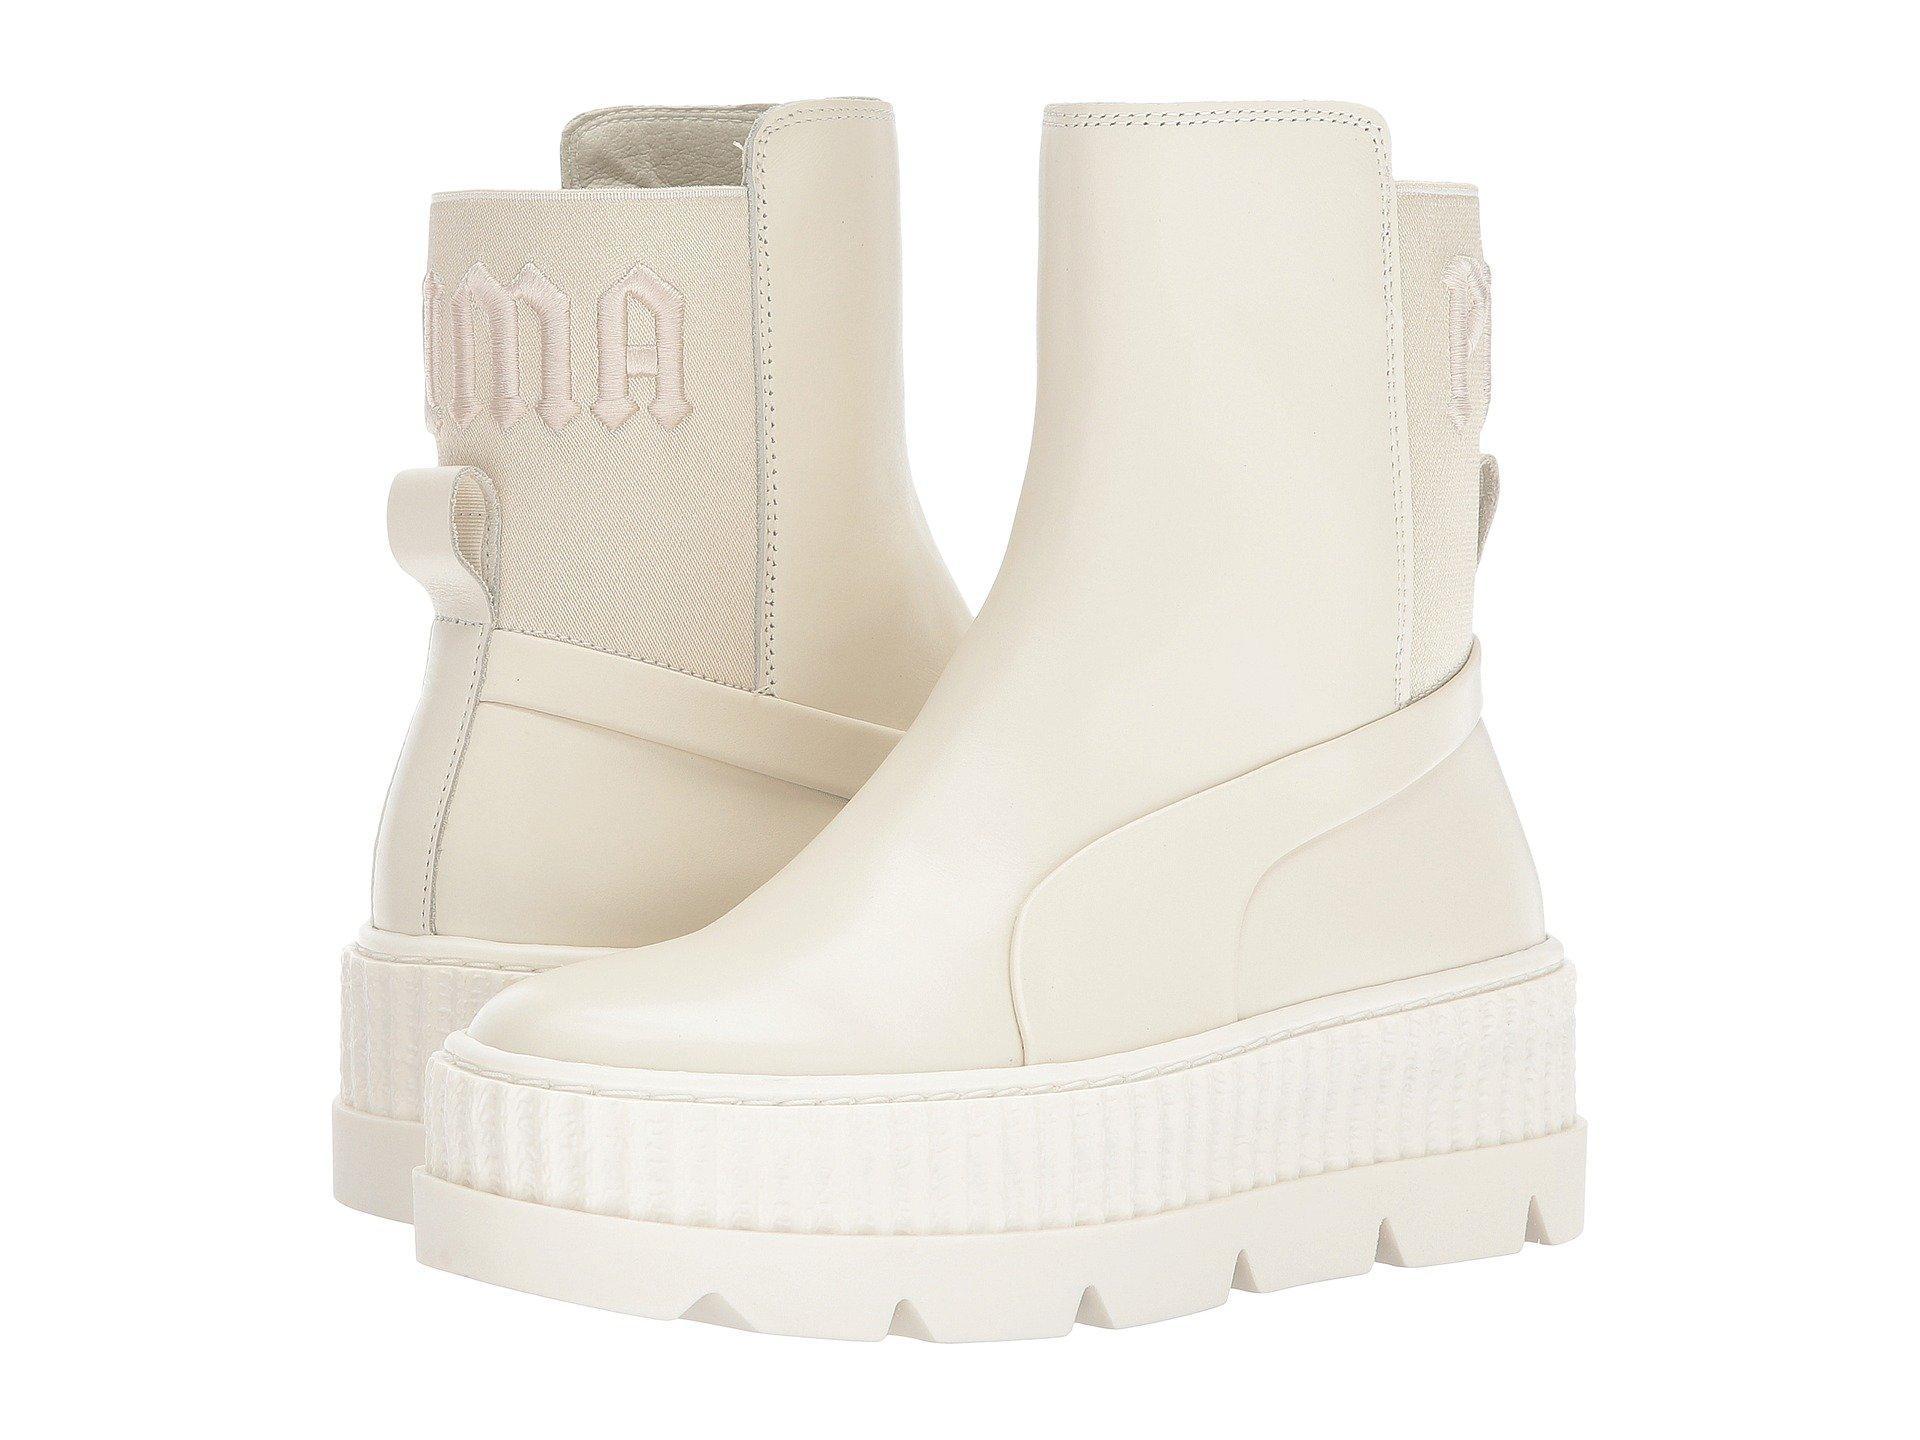 Puma X Fenty By Rihanna Chelsea Sneaker Boot, Vanilla Ice